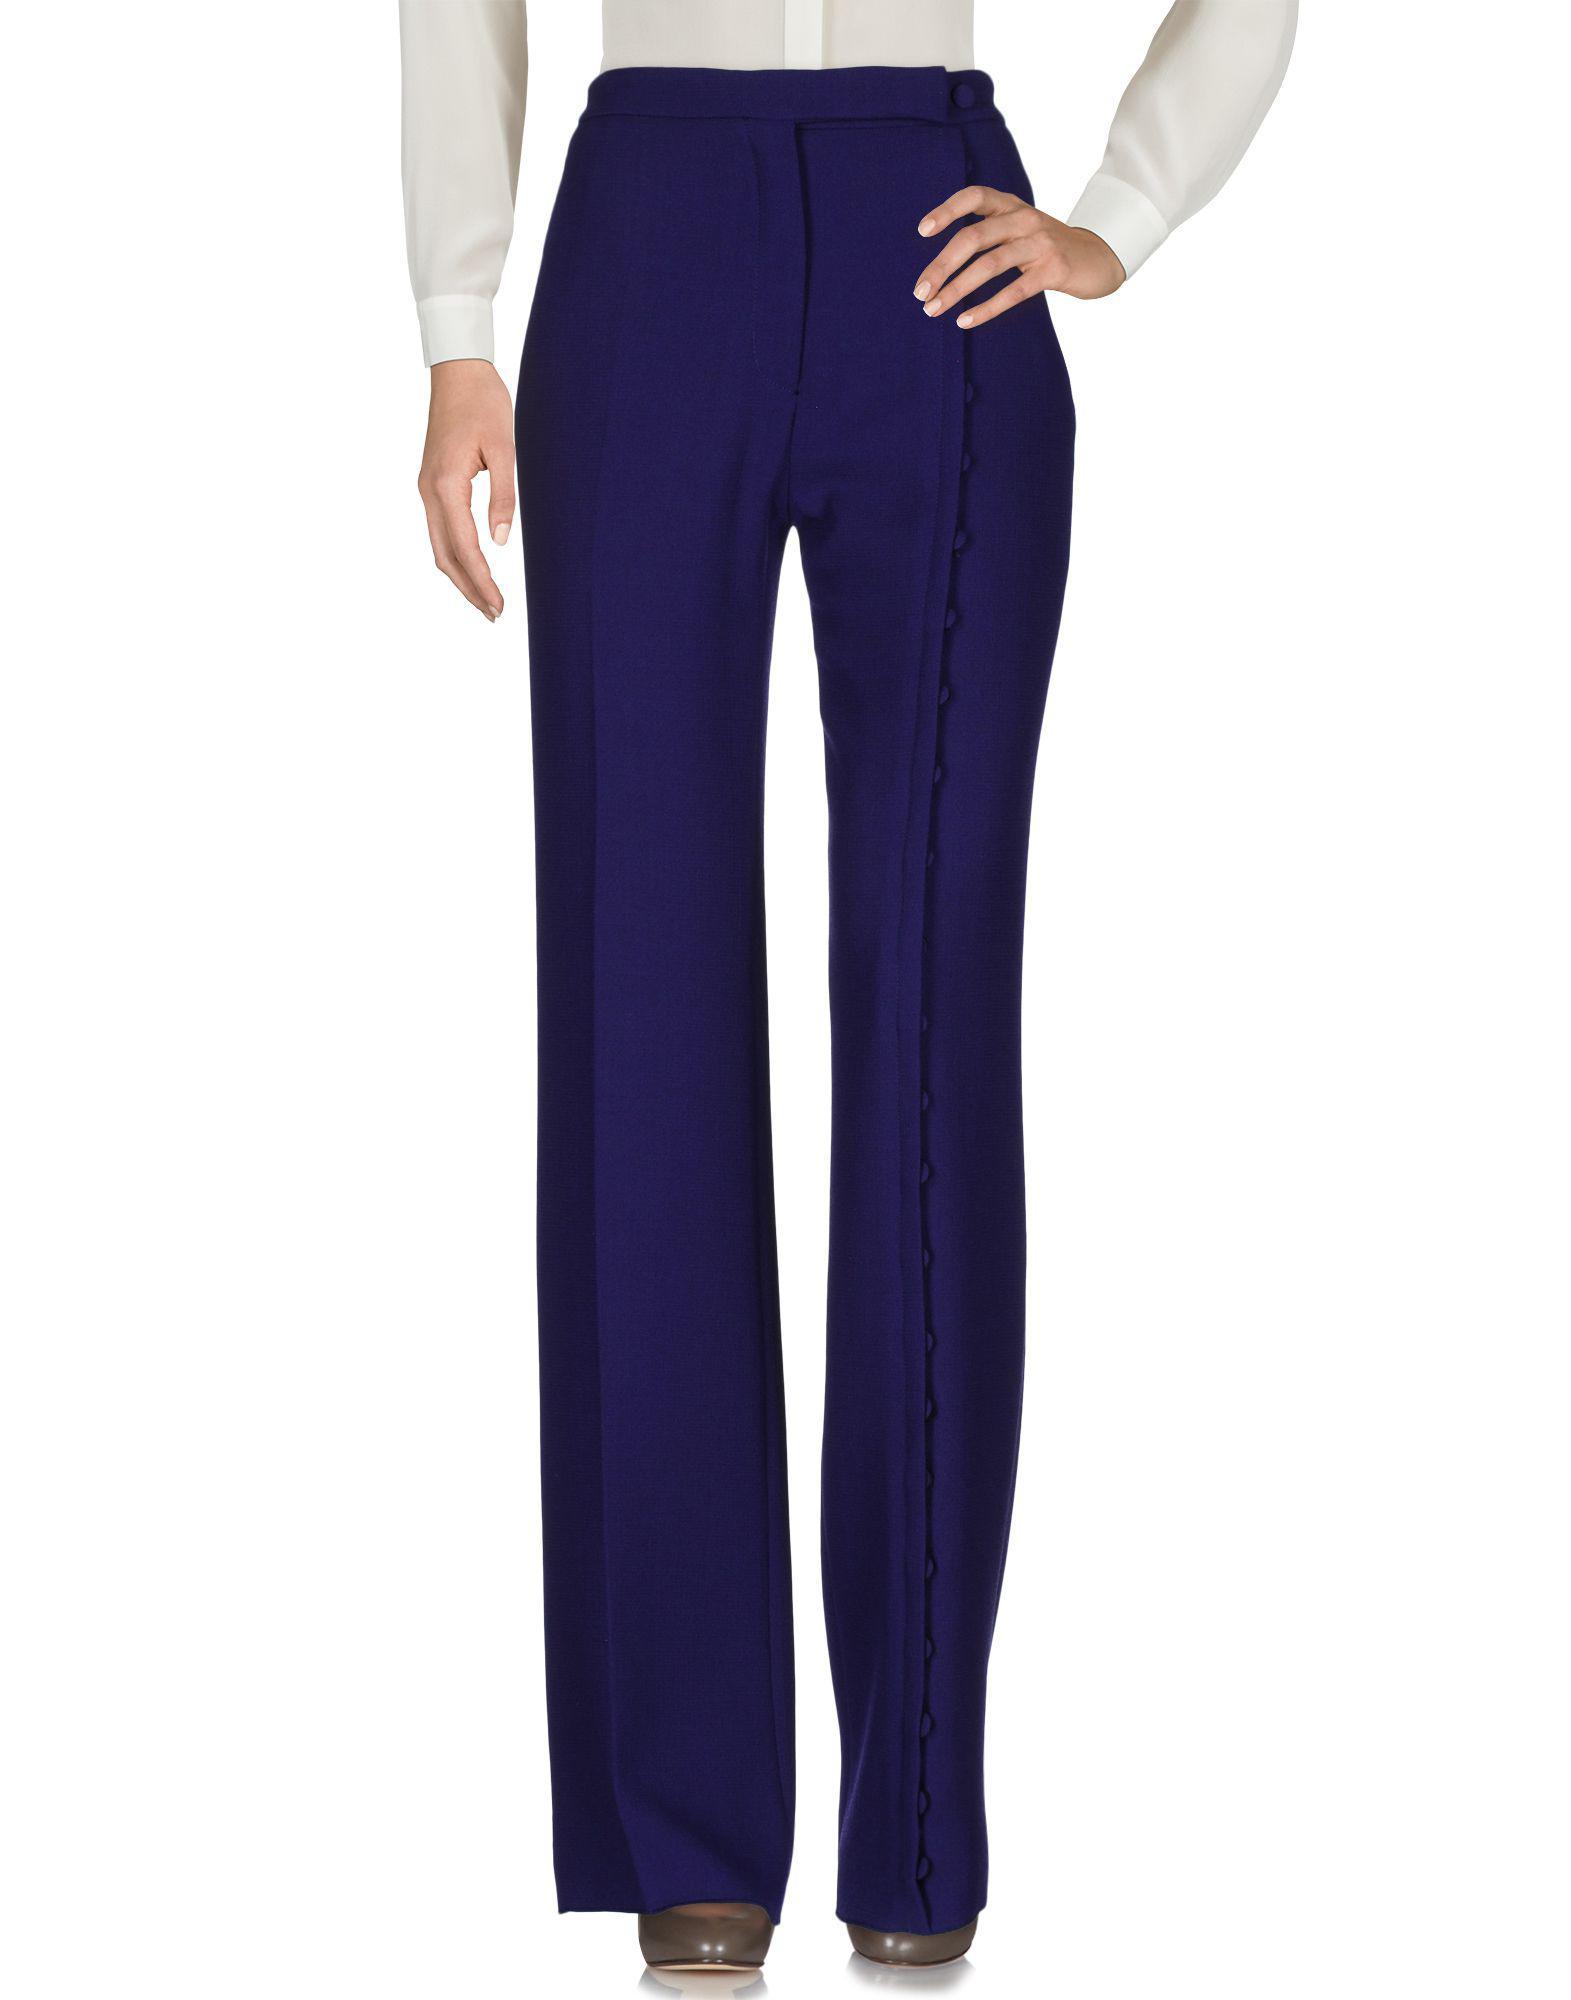 Straight-cut pants Marco De Vincenzo wIf98WE